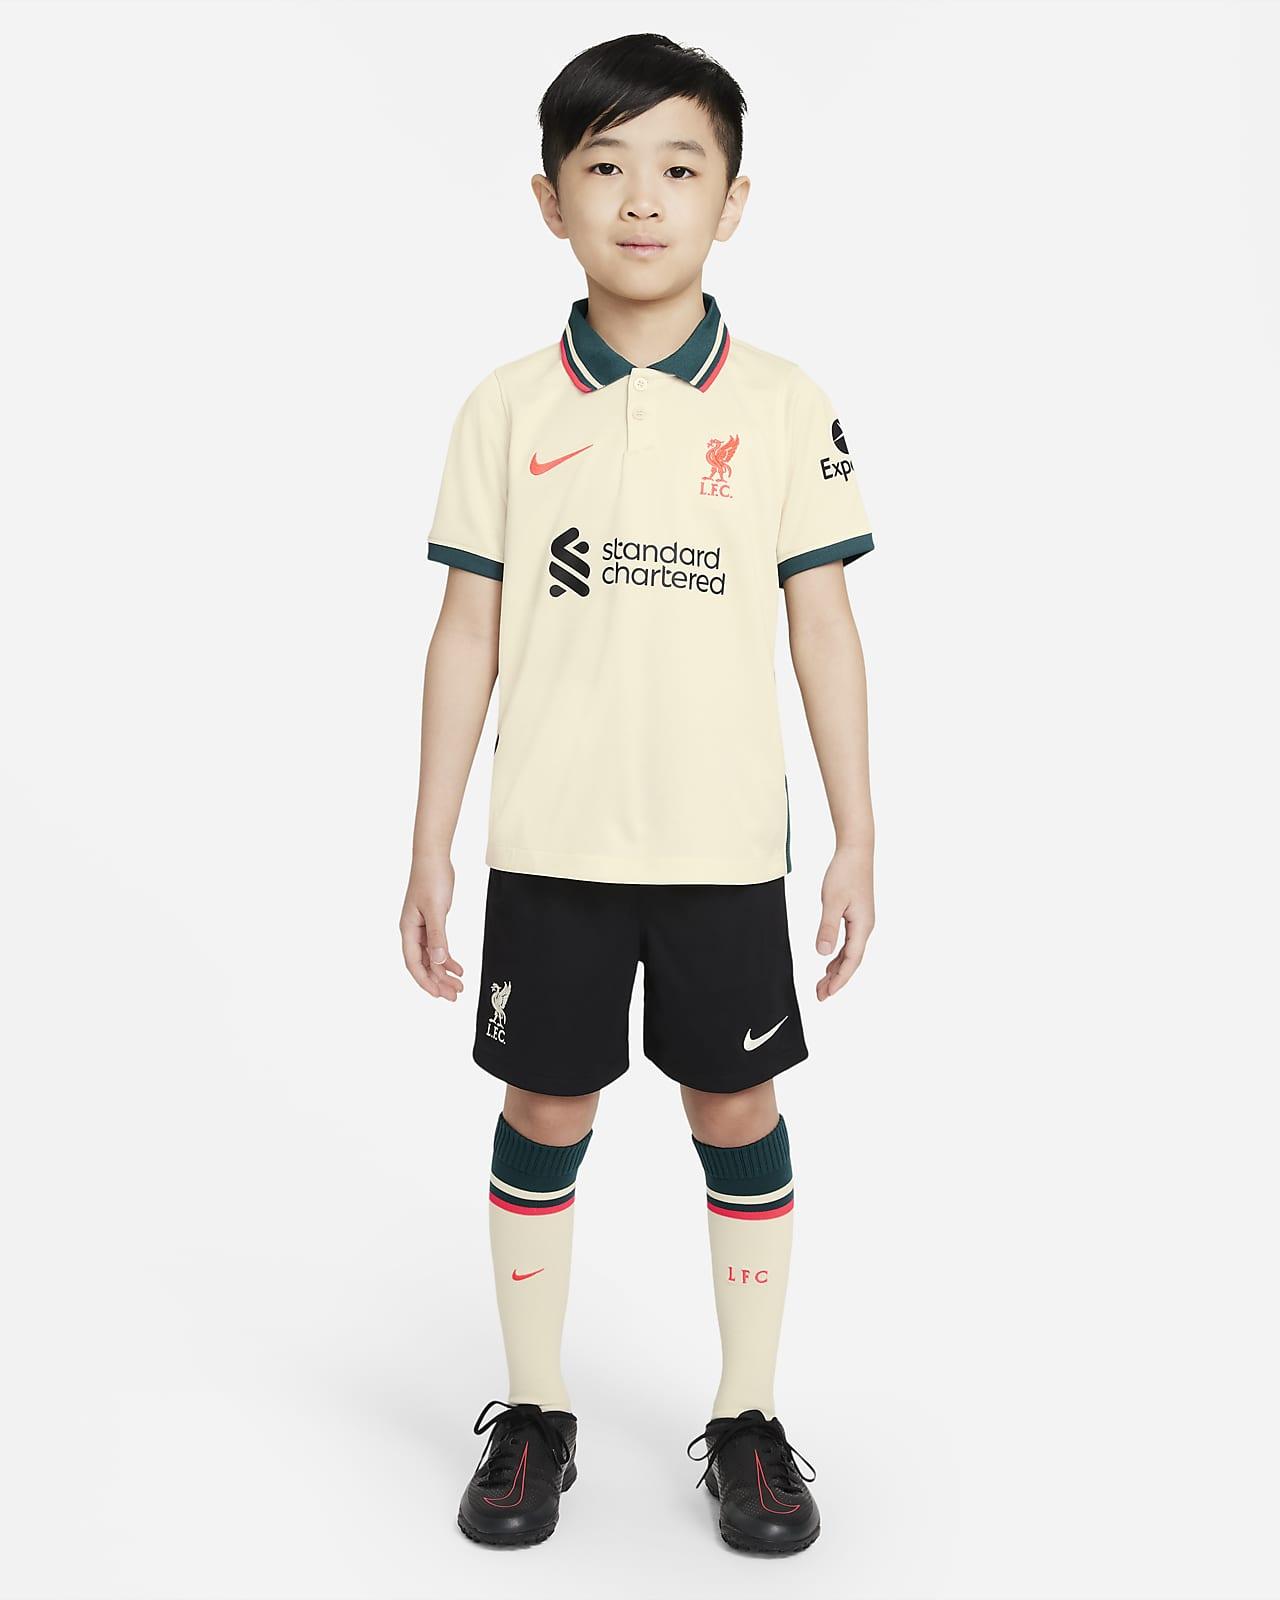 Tenue de football Liverpool FC 2021/22 Extérieur pour Jeune enfant